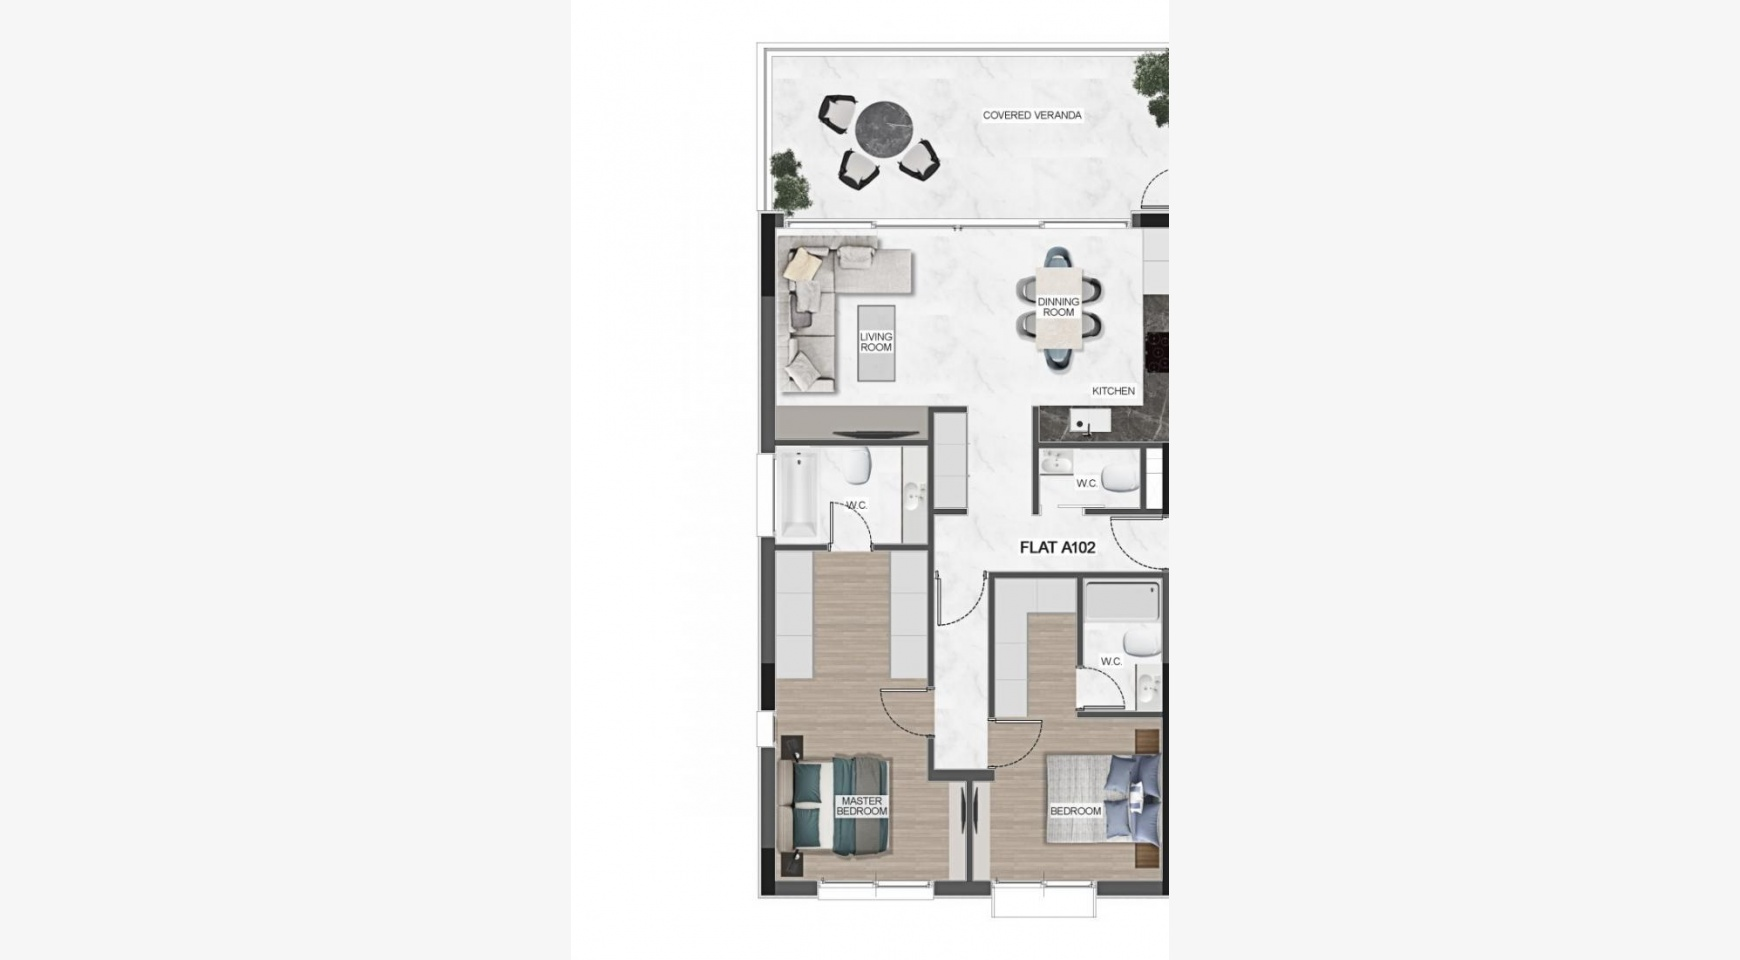 Urban City Residences, Кв. C 402. 2-Спальная Квартира в Новом Комплексе в Центре Города - 41